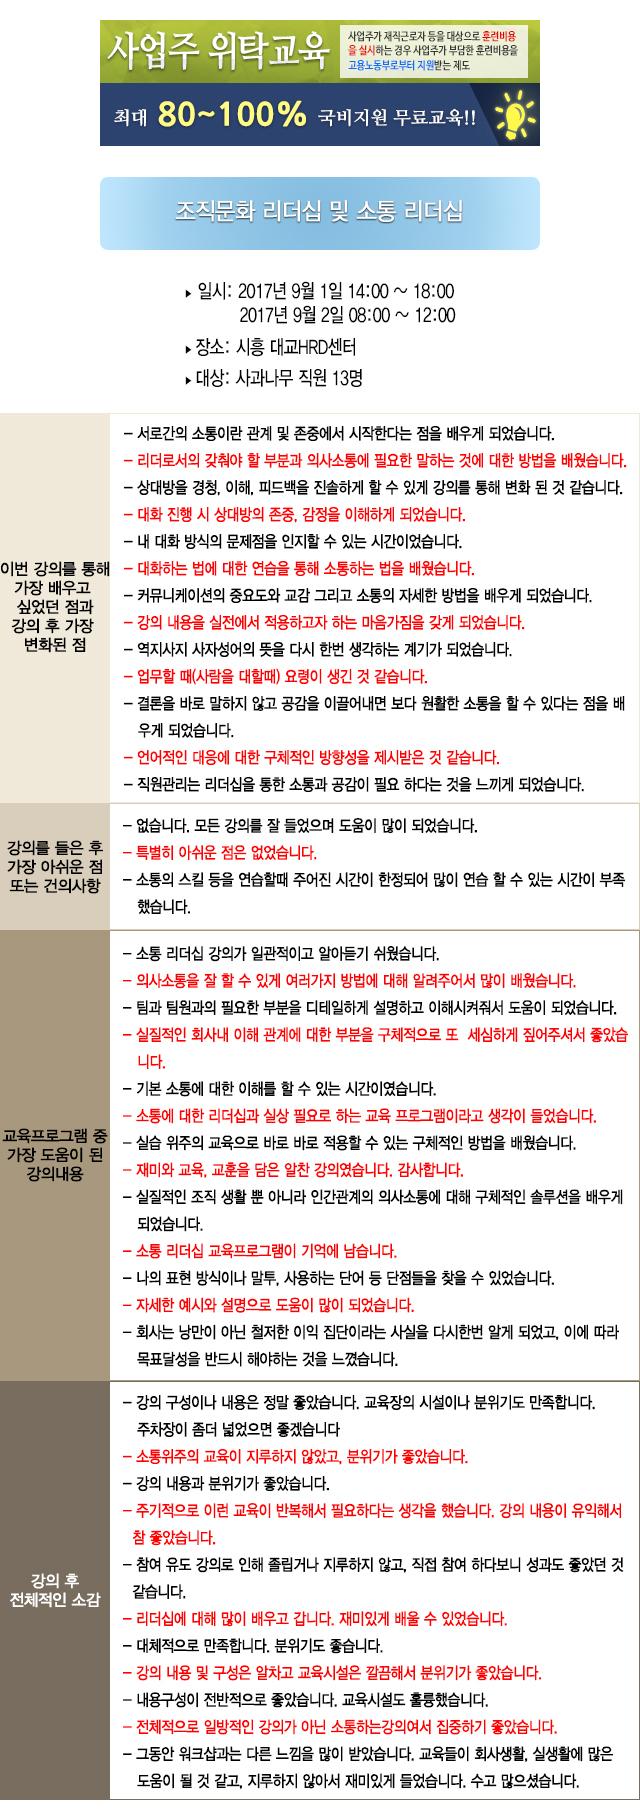 한국중앙인재개발원 후기 사과나무.jpg